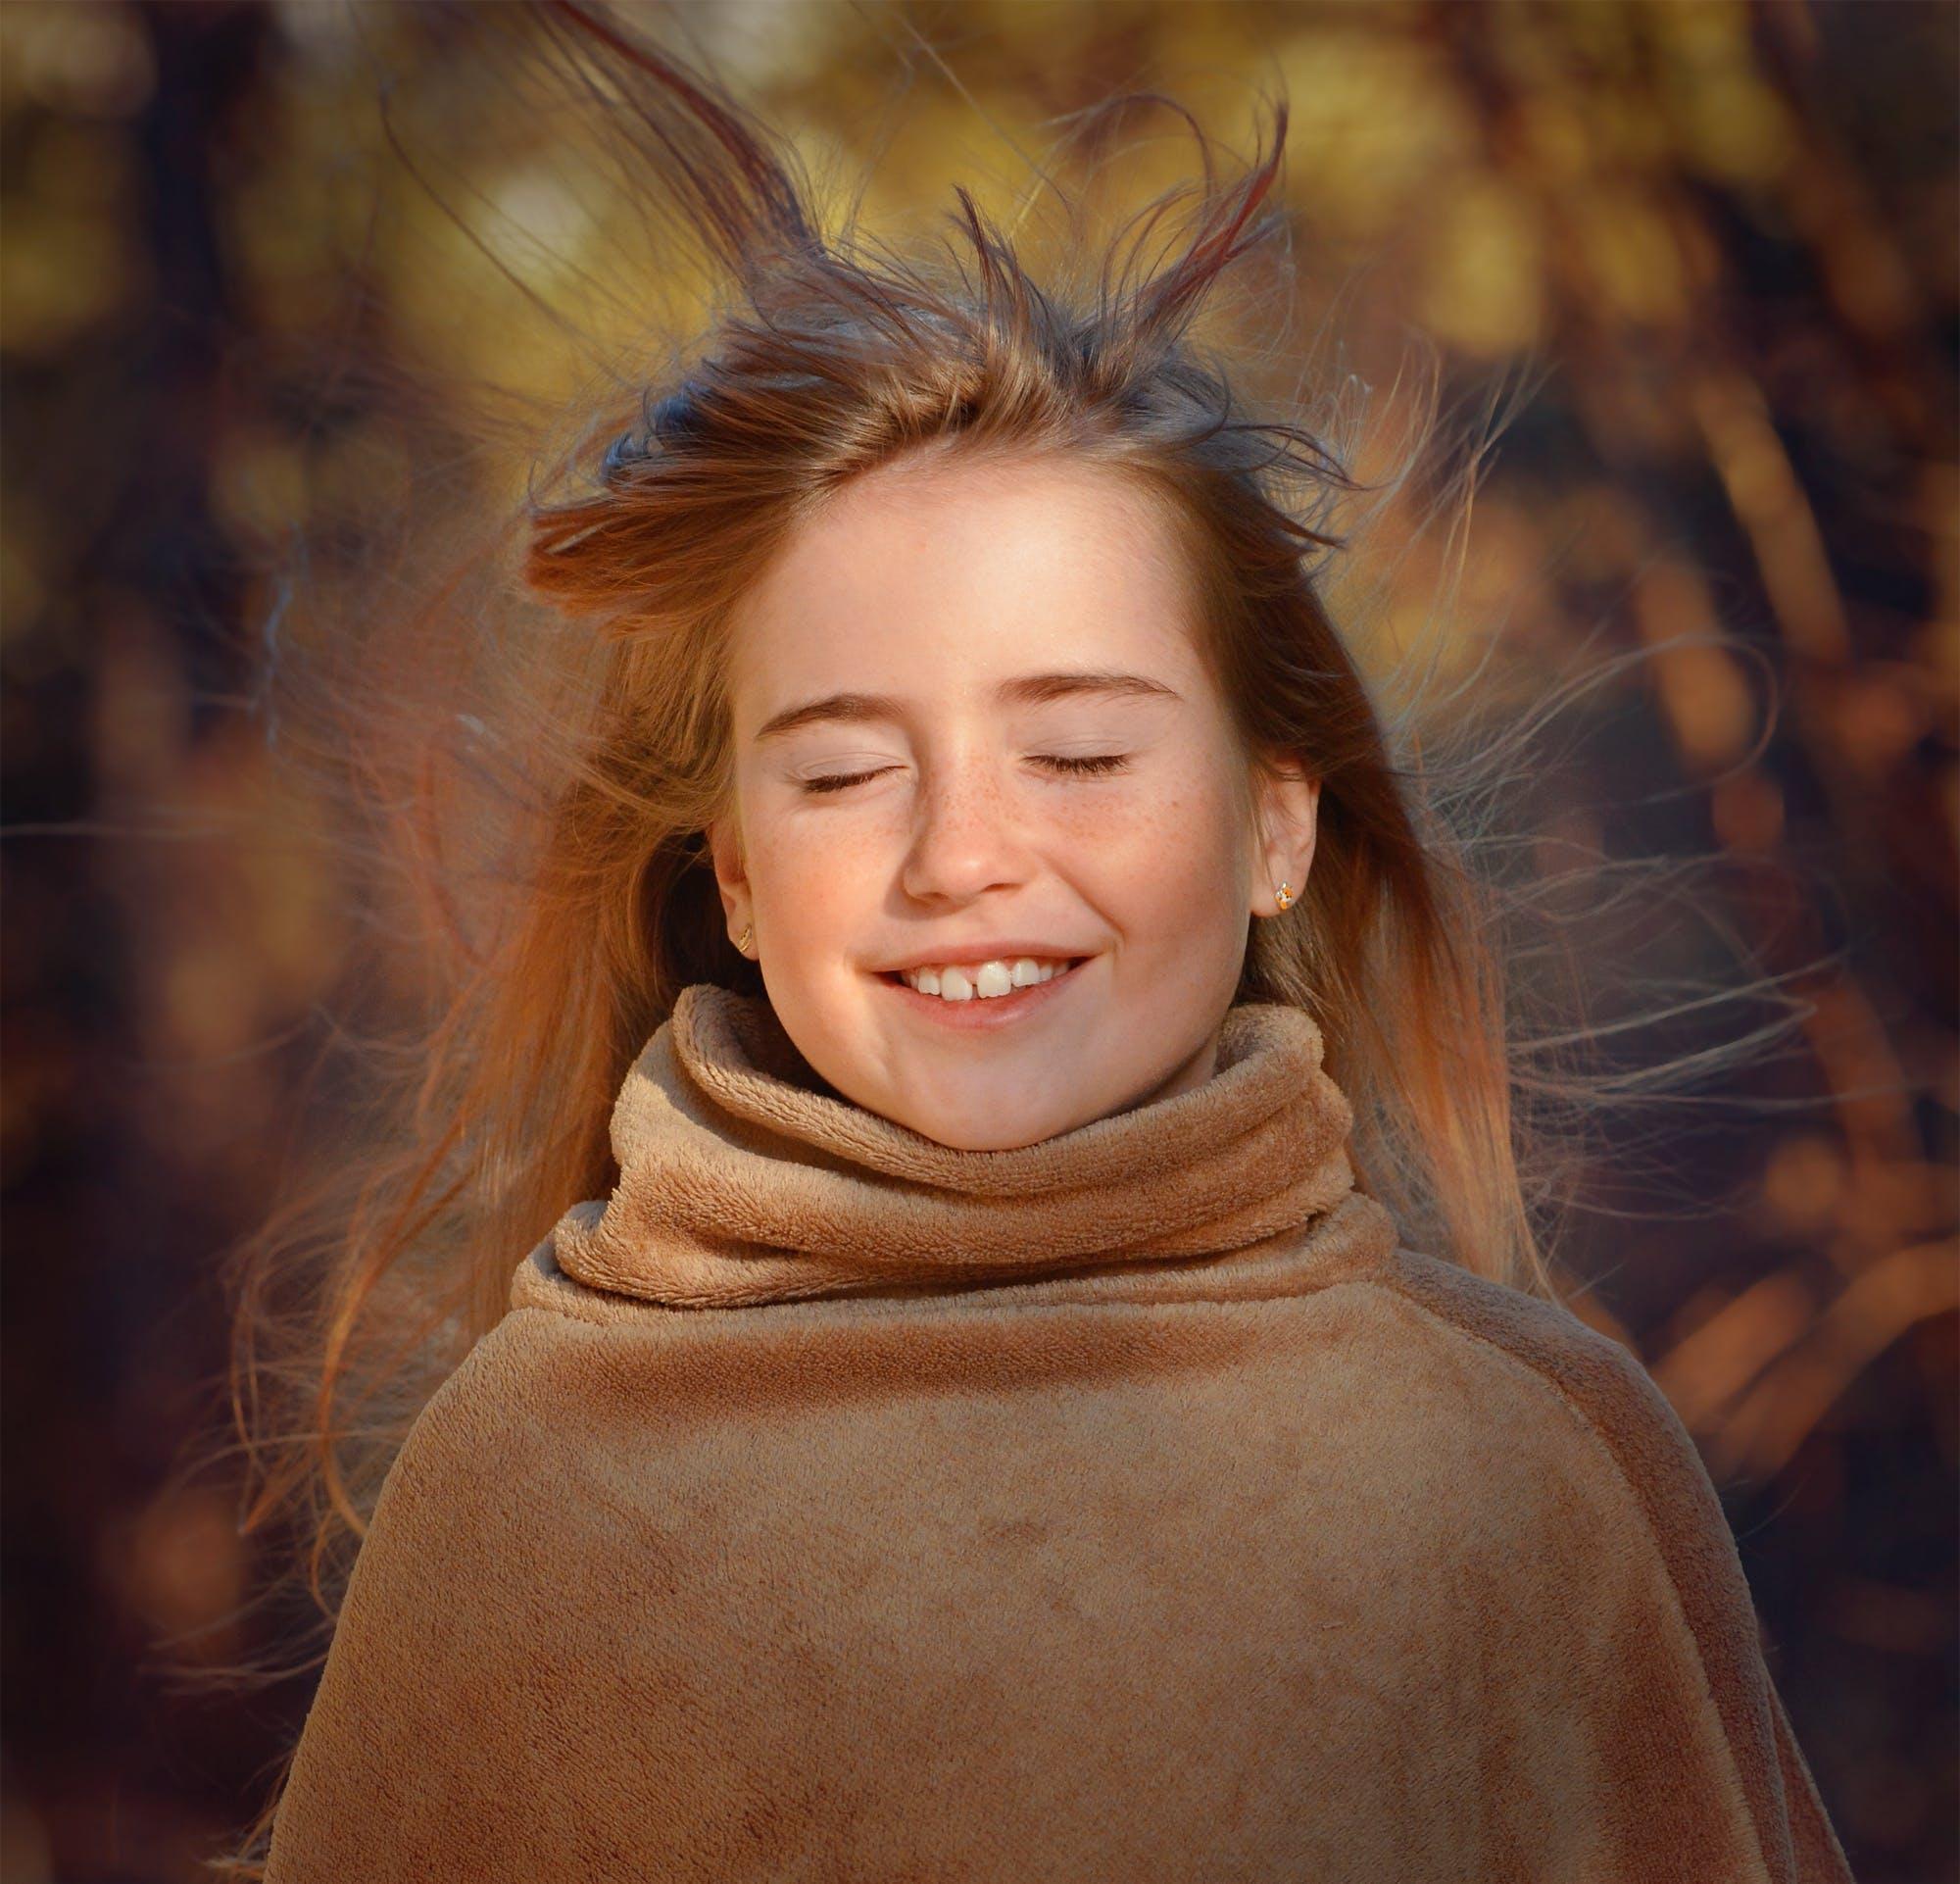 Kostenloses Stock Foto zu aus, haar, haare fliegen, kind